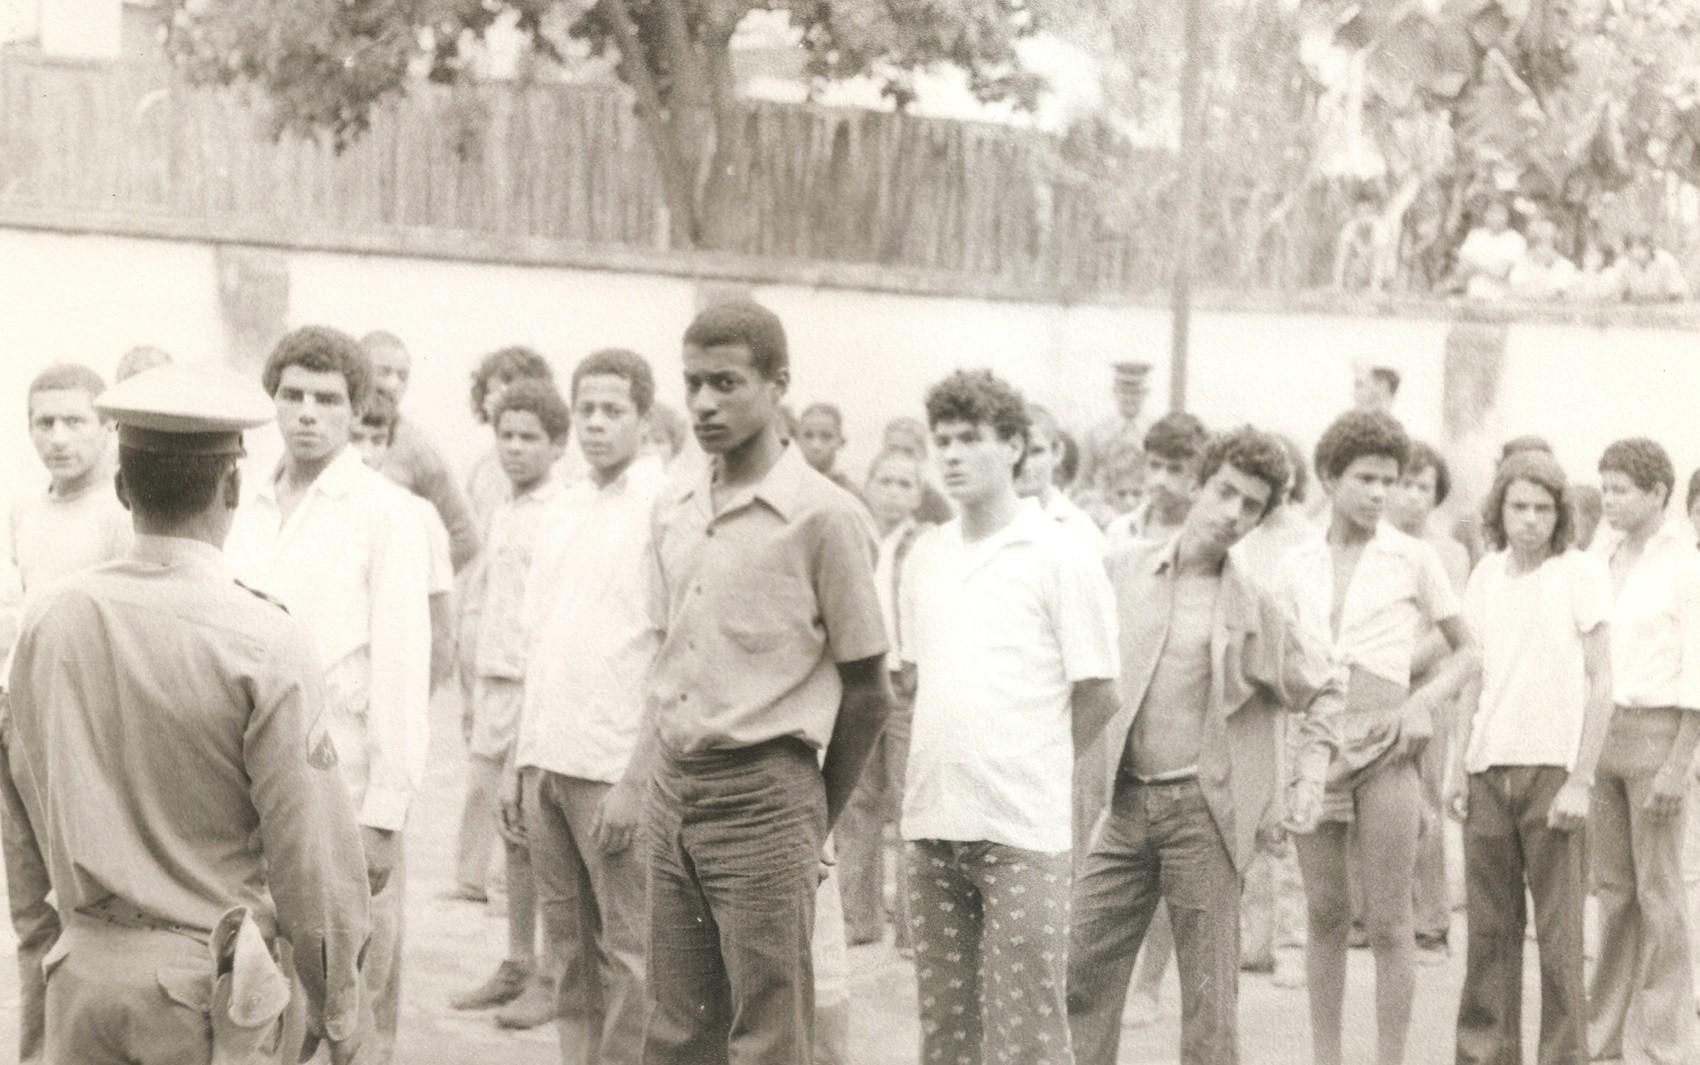 Documentário sobre operação militar ocorrida durante a ditadura em Camanducaia é premiado em festival internacional no Canadá